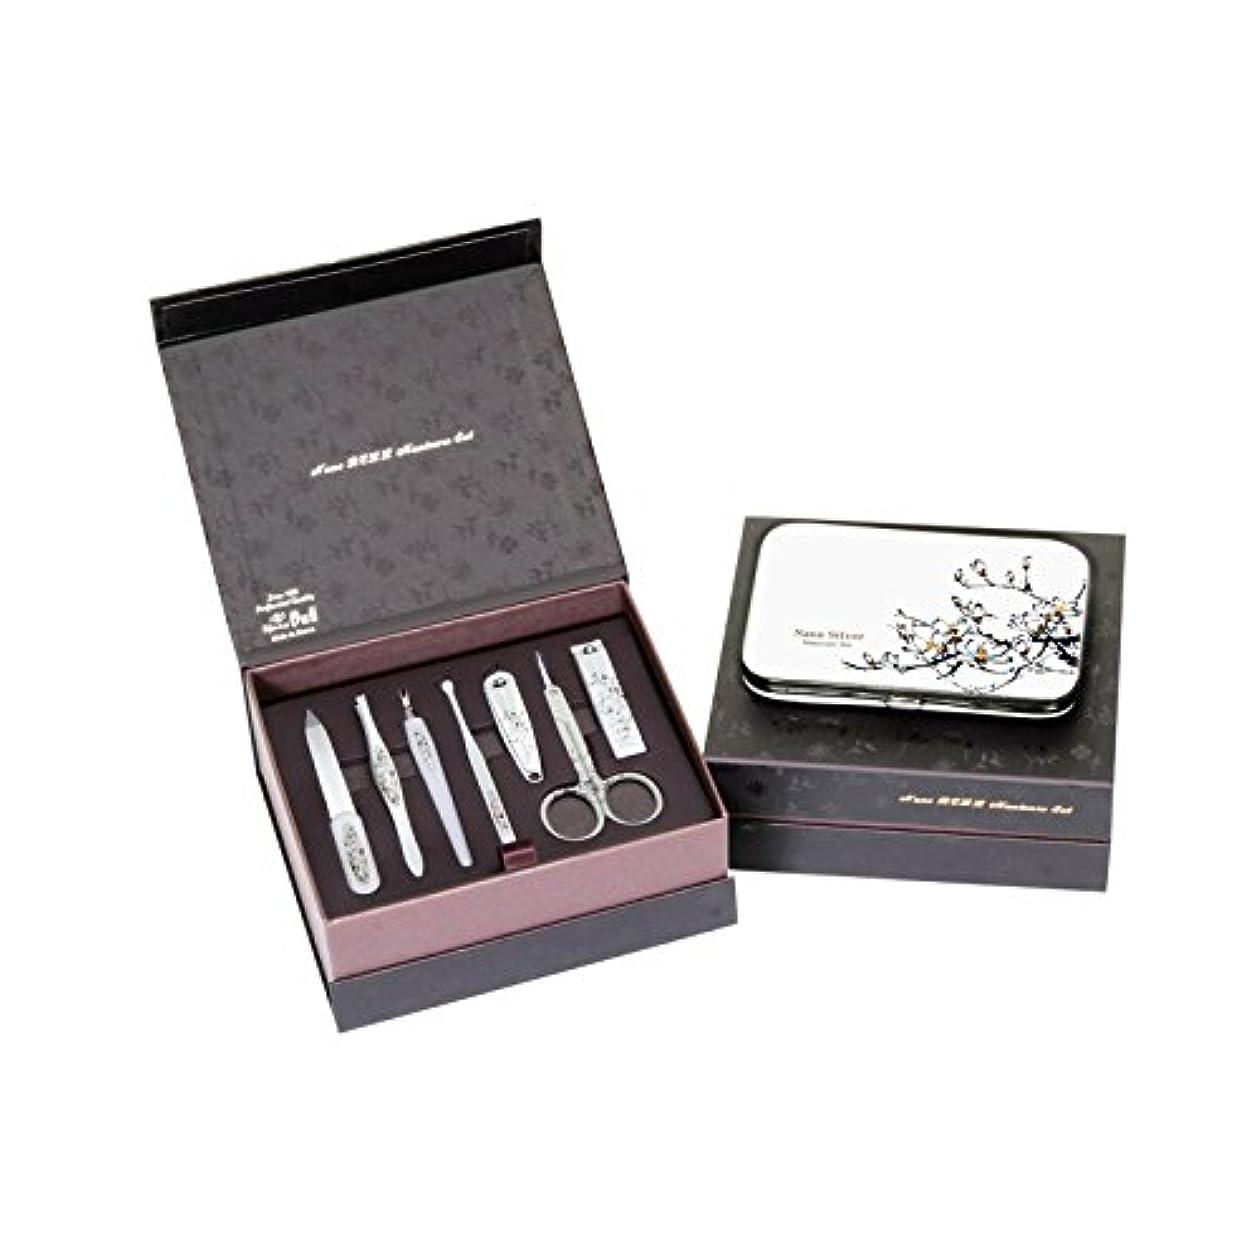 破産適切なモルヒネMETAL BELL Manicure Sets BN-8177A ポータブル爪の管理セット爪切りセット 高品質のネイルケアセット高級感のある東洋画のデザイン Portable Nail Clippers Nail Care...